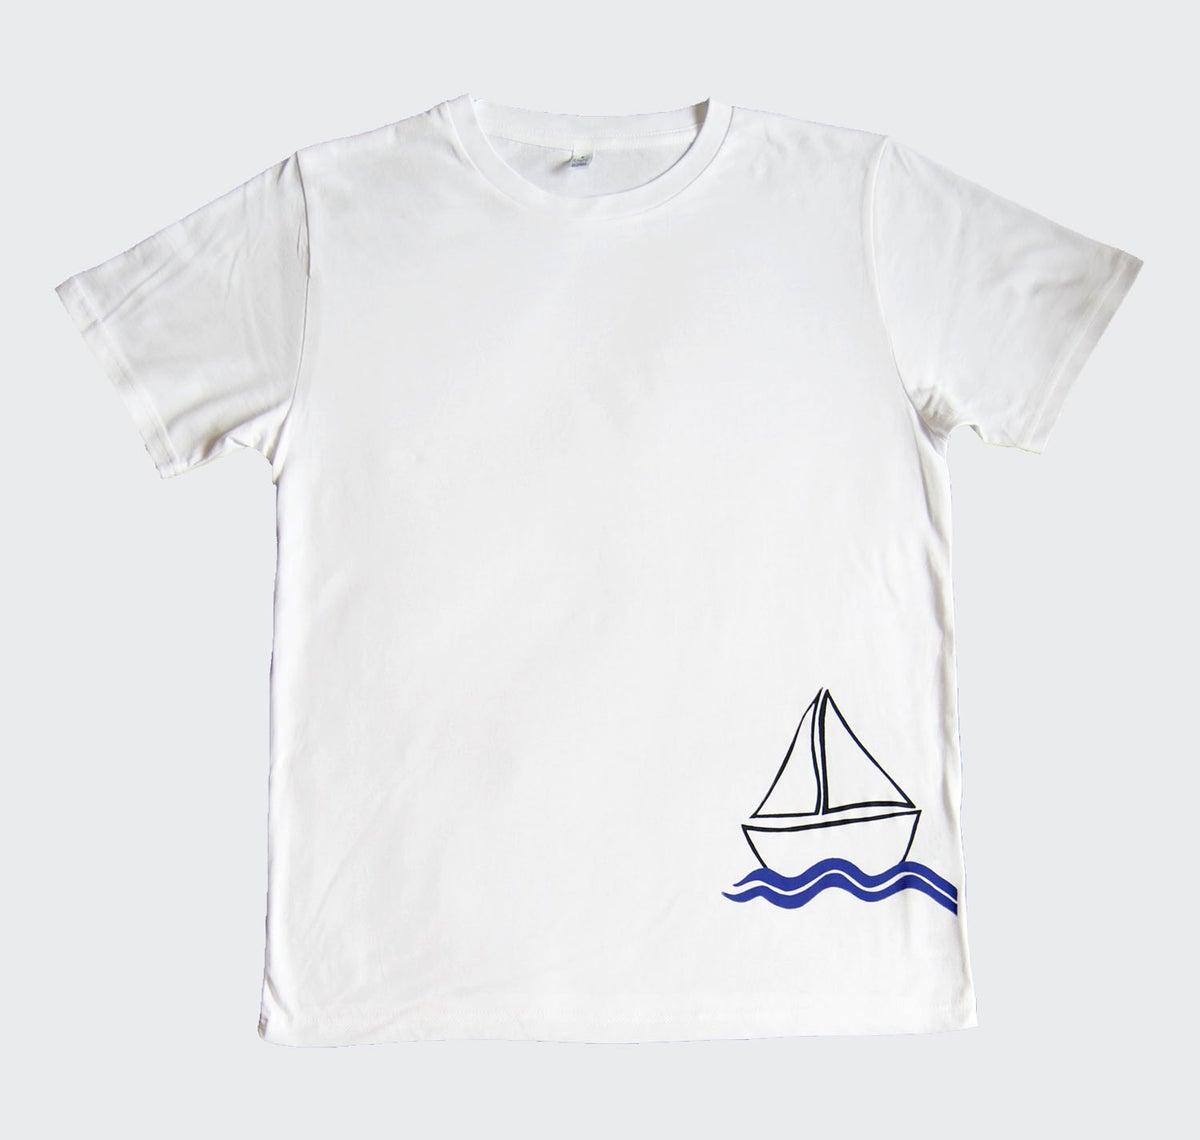 Image of Sail Around